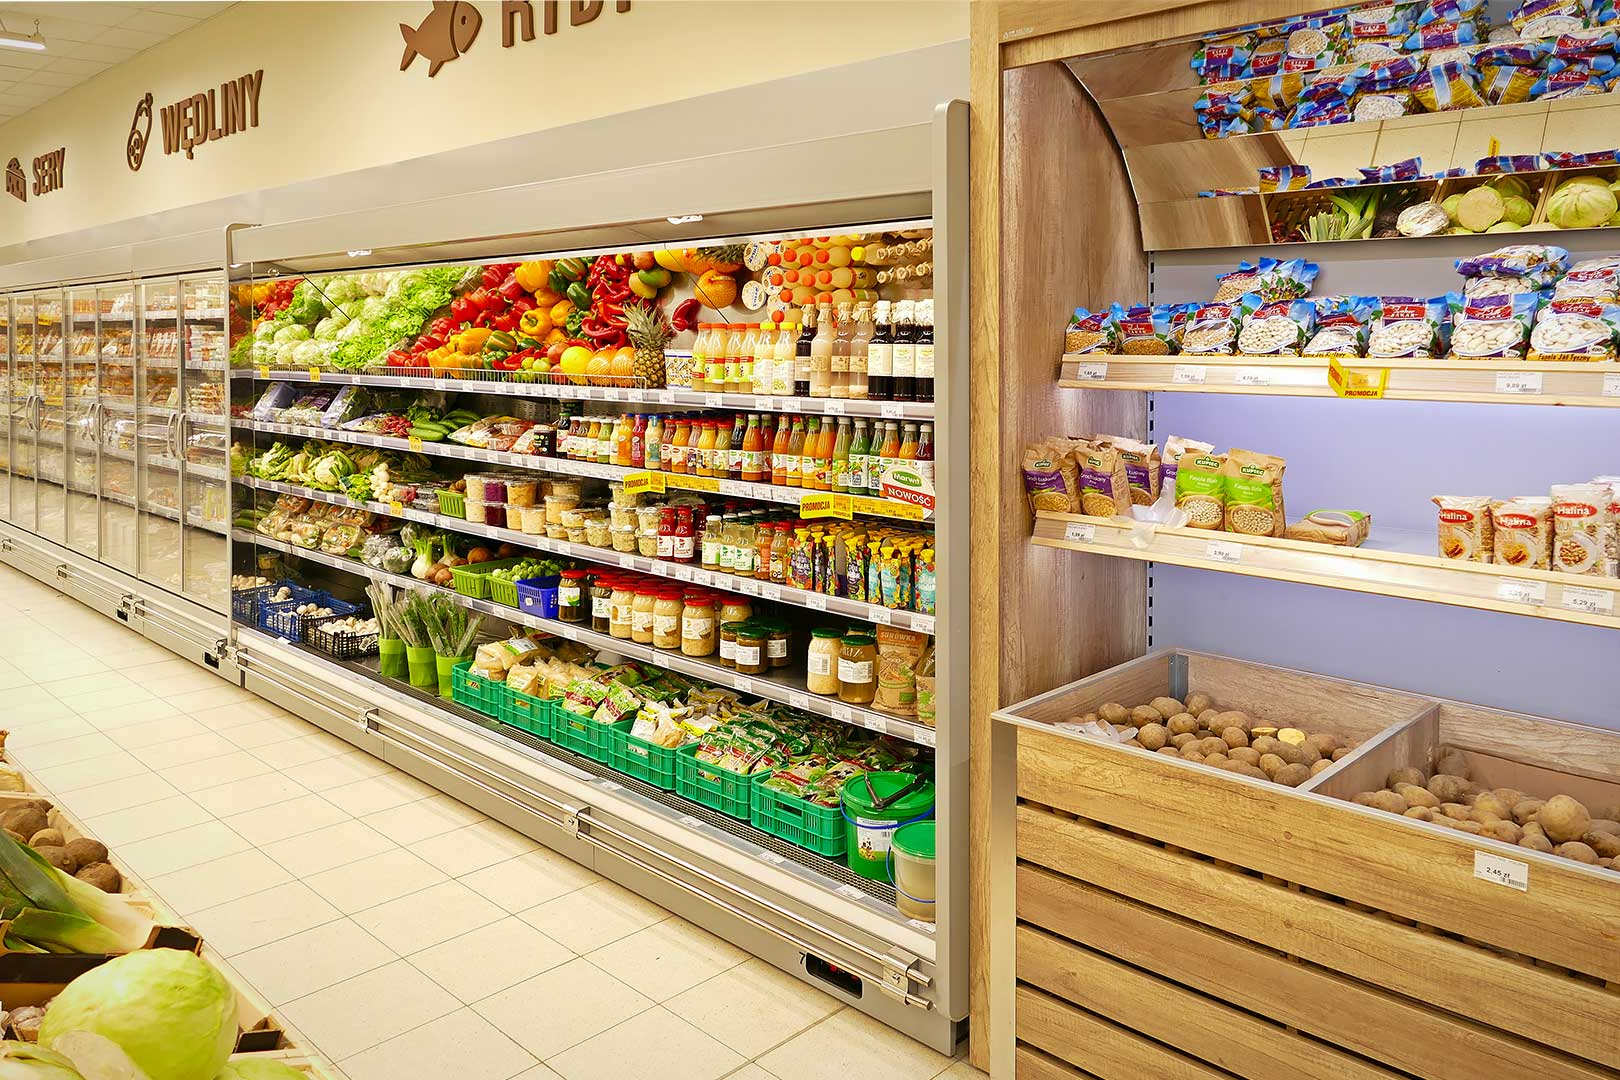 Спеціалізовані вітрини для продажу овочів та фруктів Louisiana FV MV 095 VF О 210-DLM, пристінні вітрини Louisiana MV 095 MT D 210-DLM